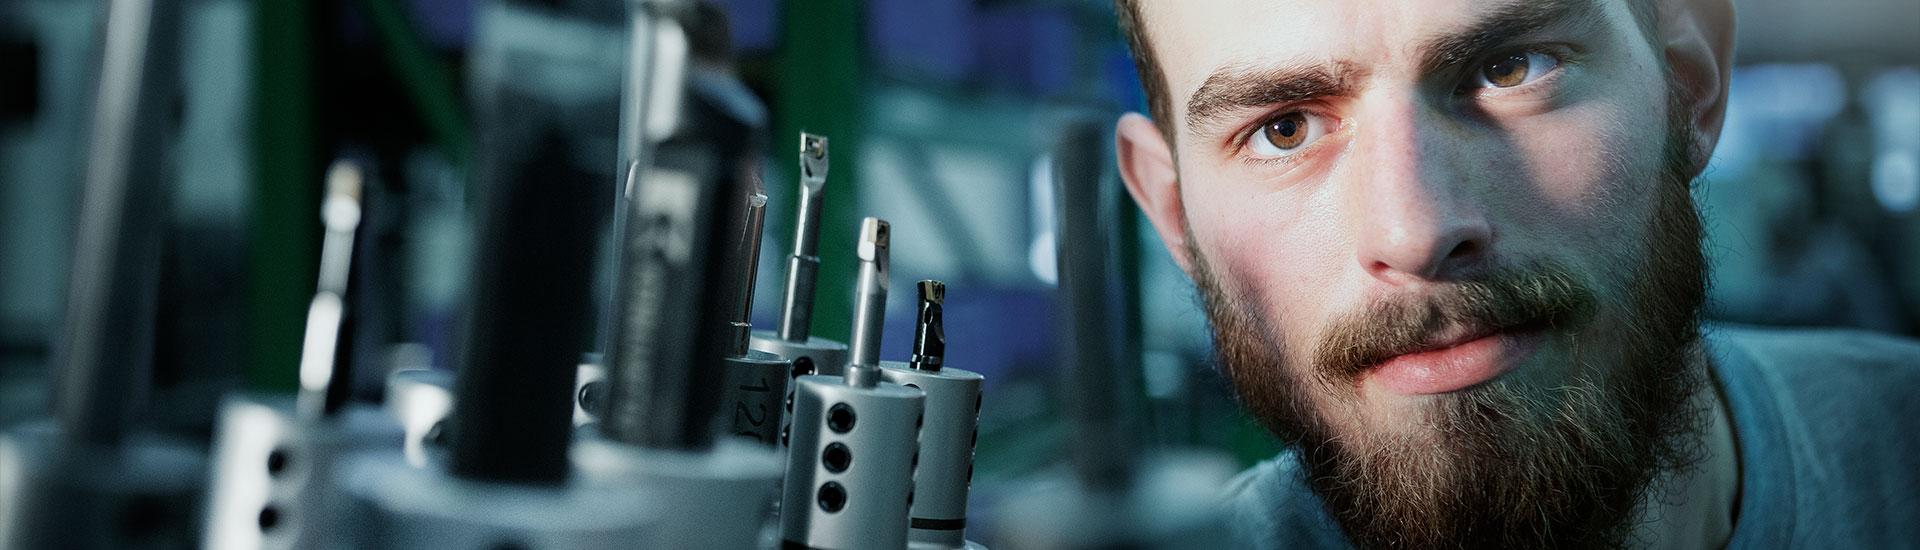 Produktionsmechaniker/in